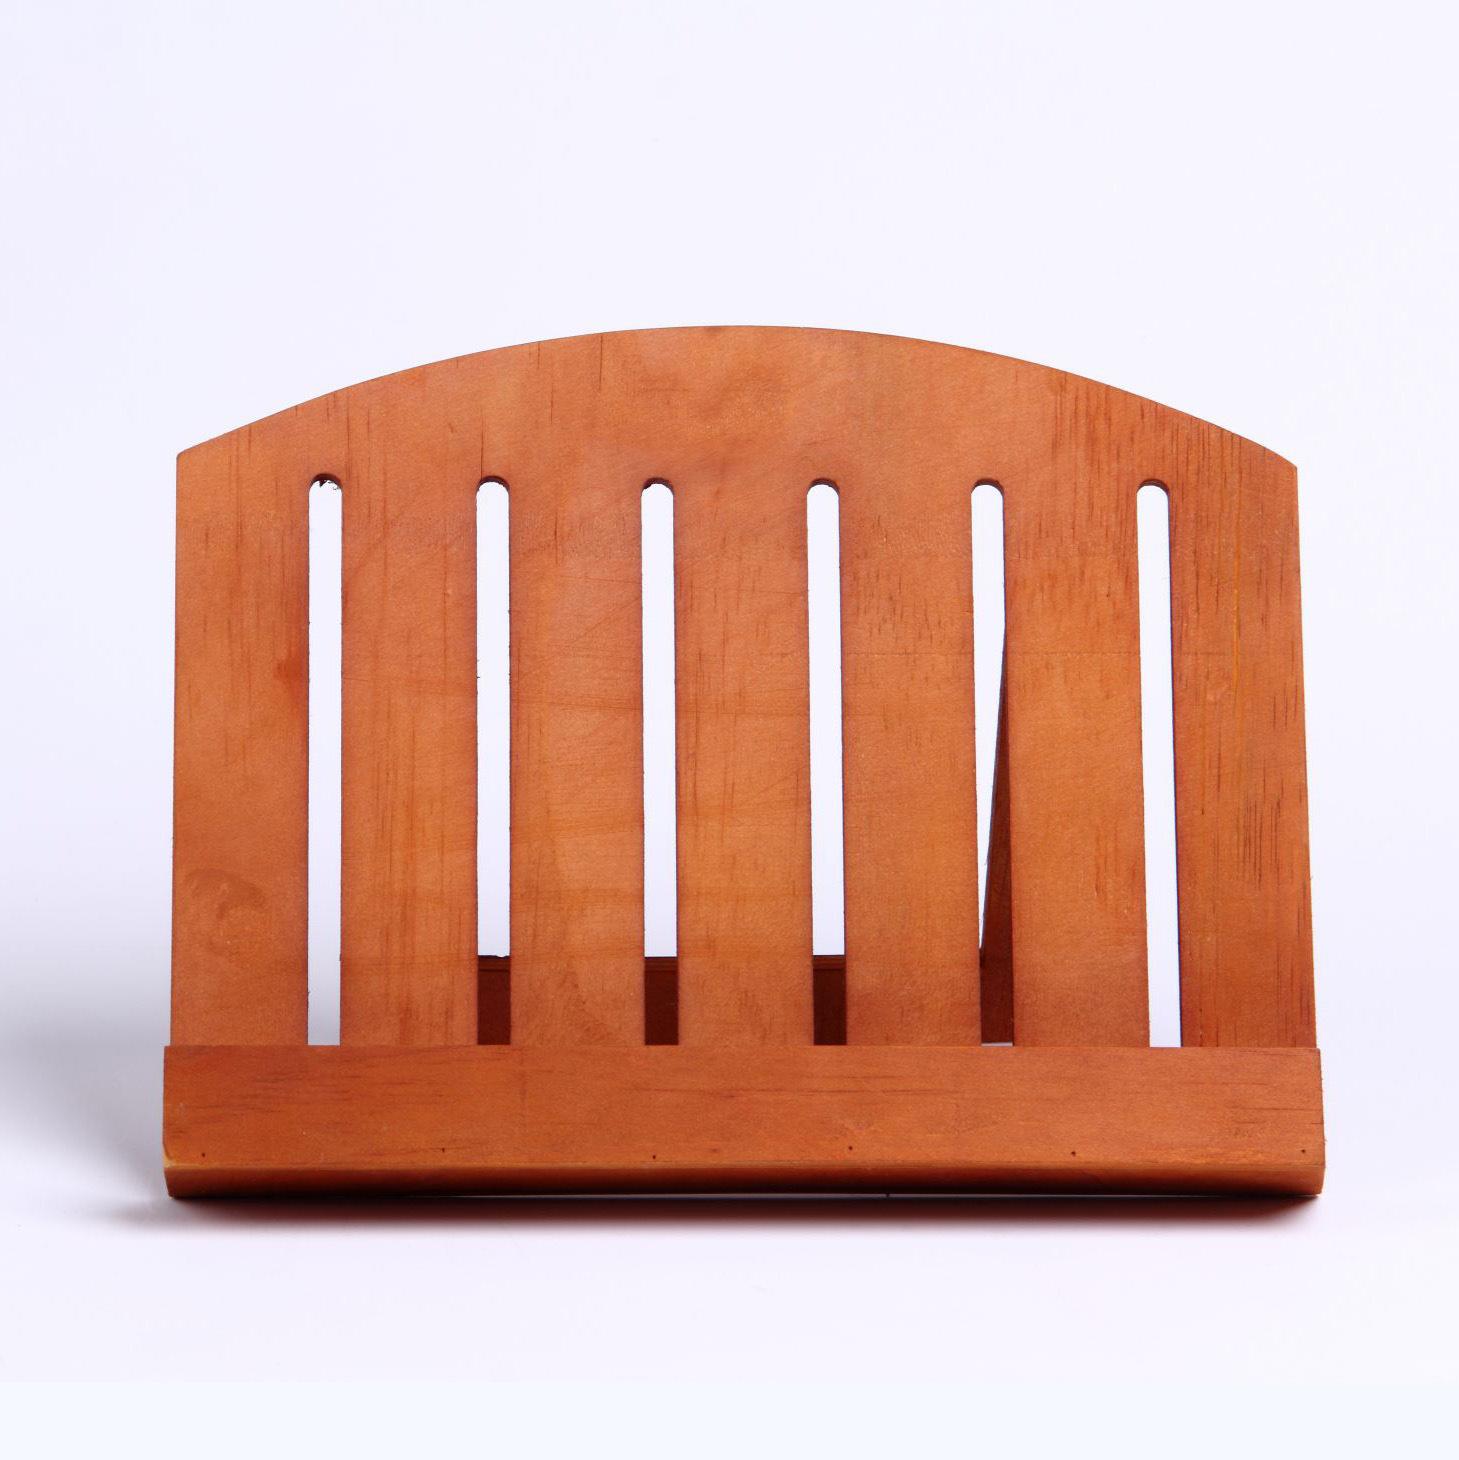 创意实木看书架 简易桌面木制书架儿童学习书架厂家定制